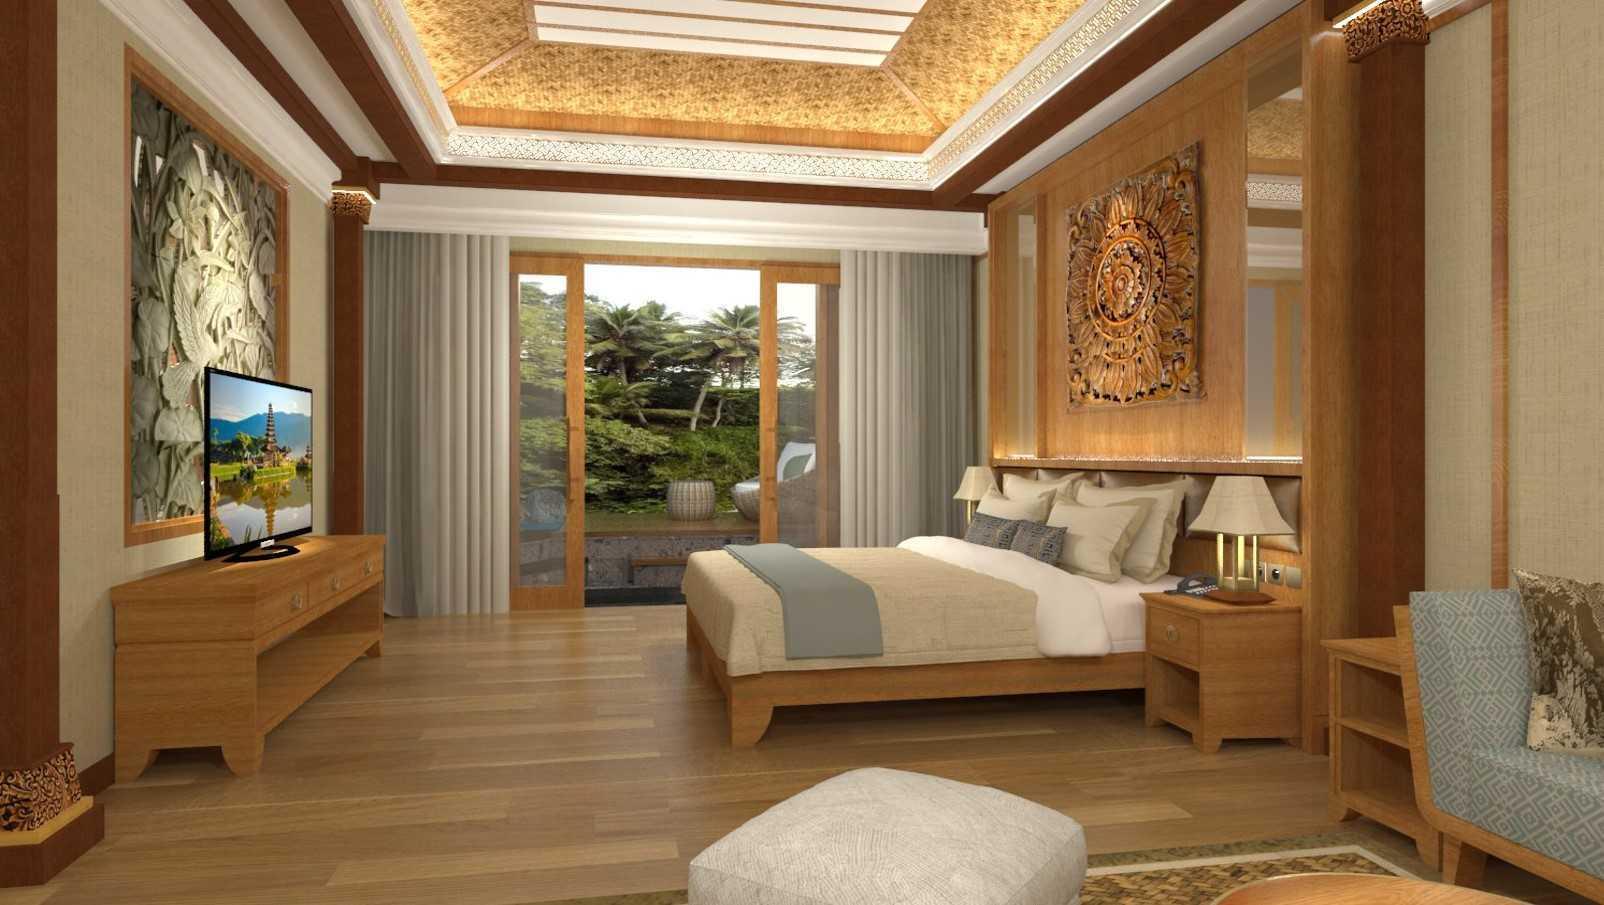 Jasa Interior Desainer TMS Creative di Bali